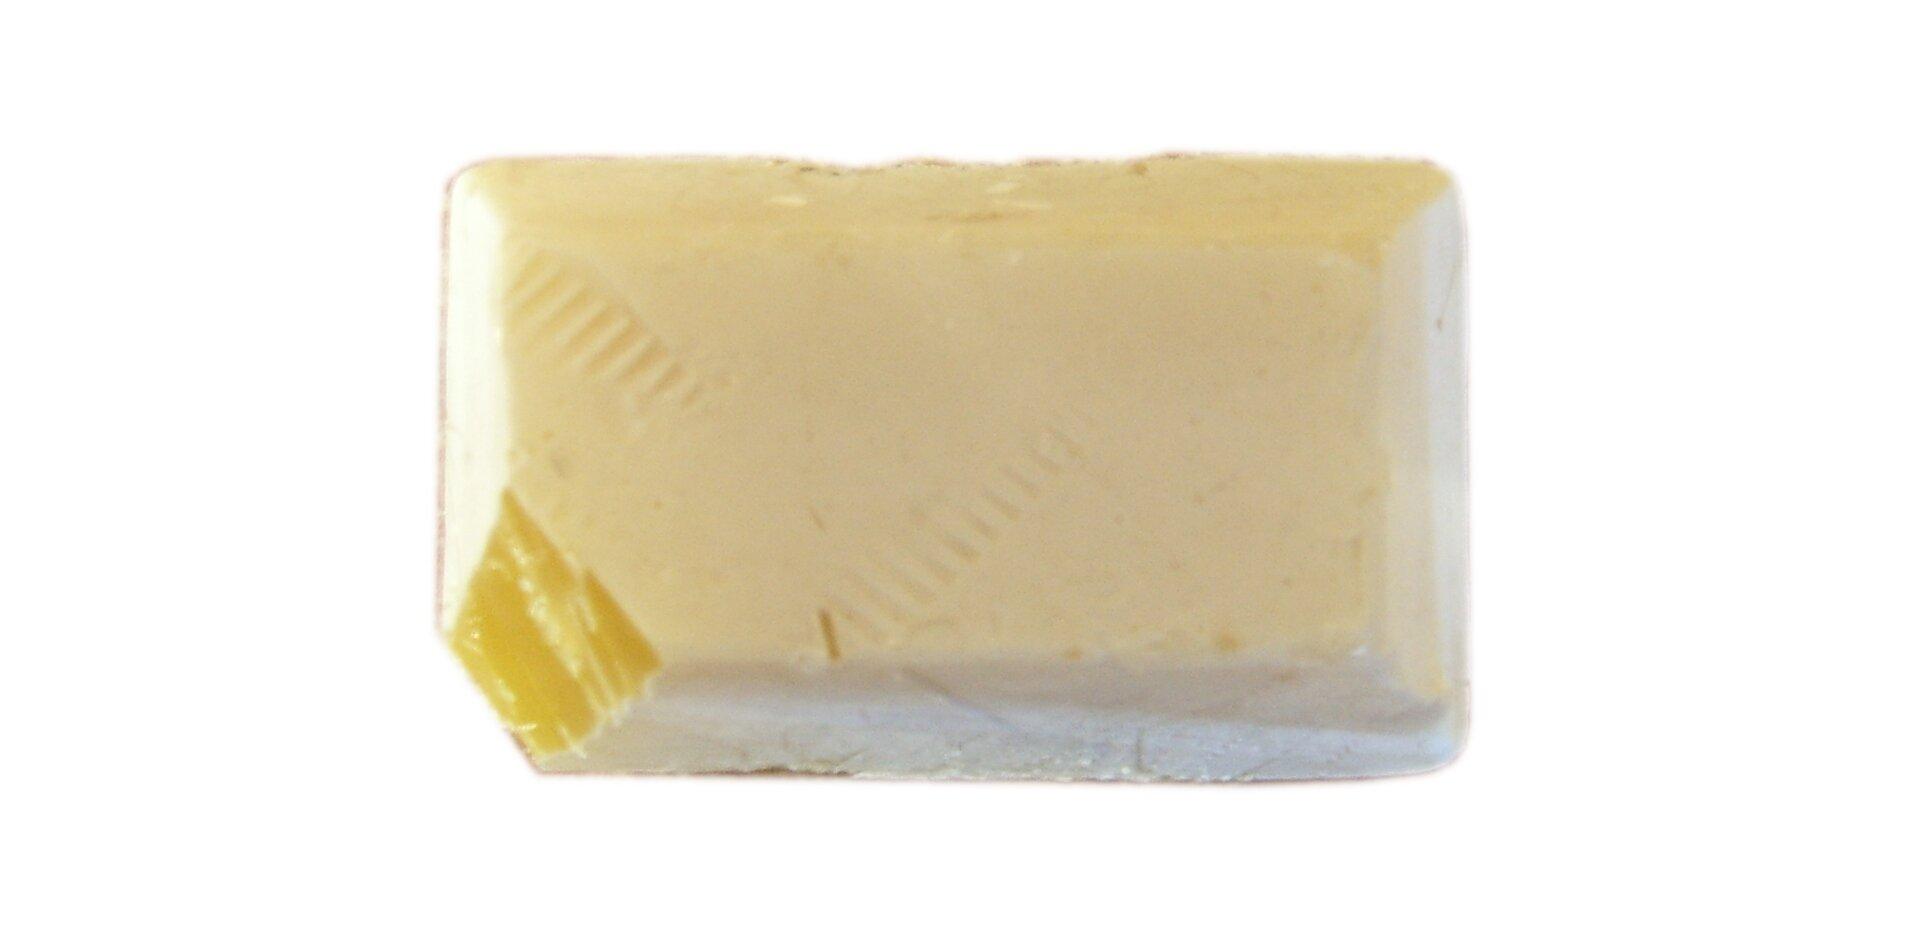 Zdjęcie przedstawia fosfor biały wpostaci kremowej kostki zobciętym narożnikiem, przez który widać intensywnie żółte zabarwienie wnętrza kawałka.